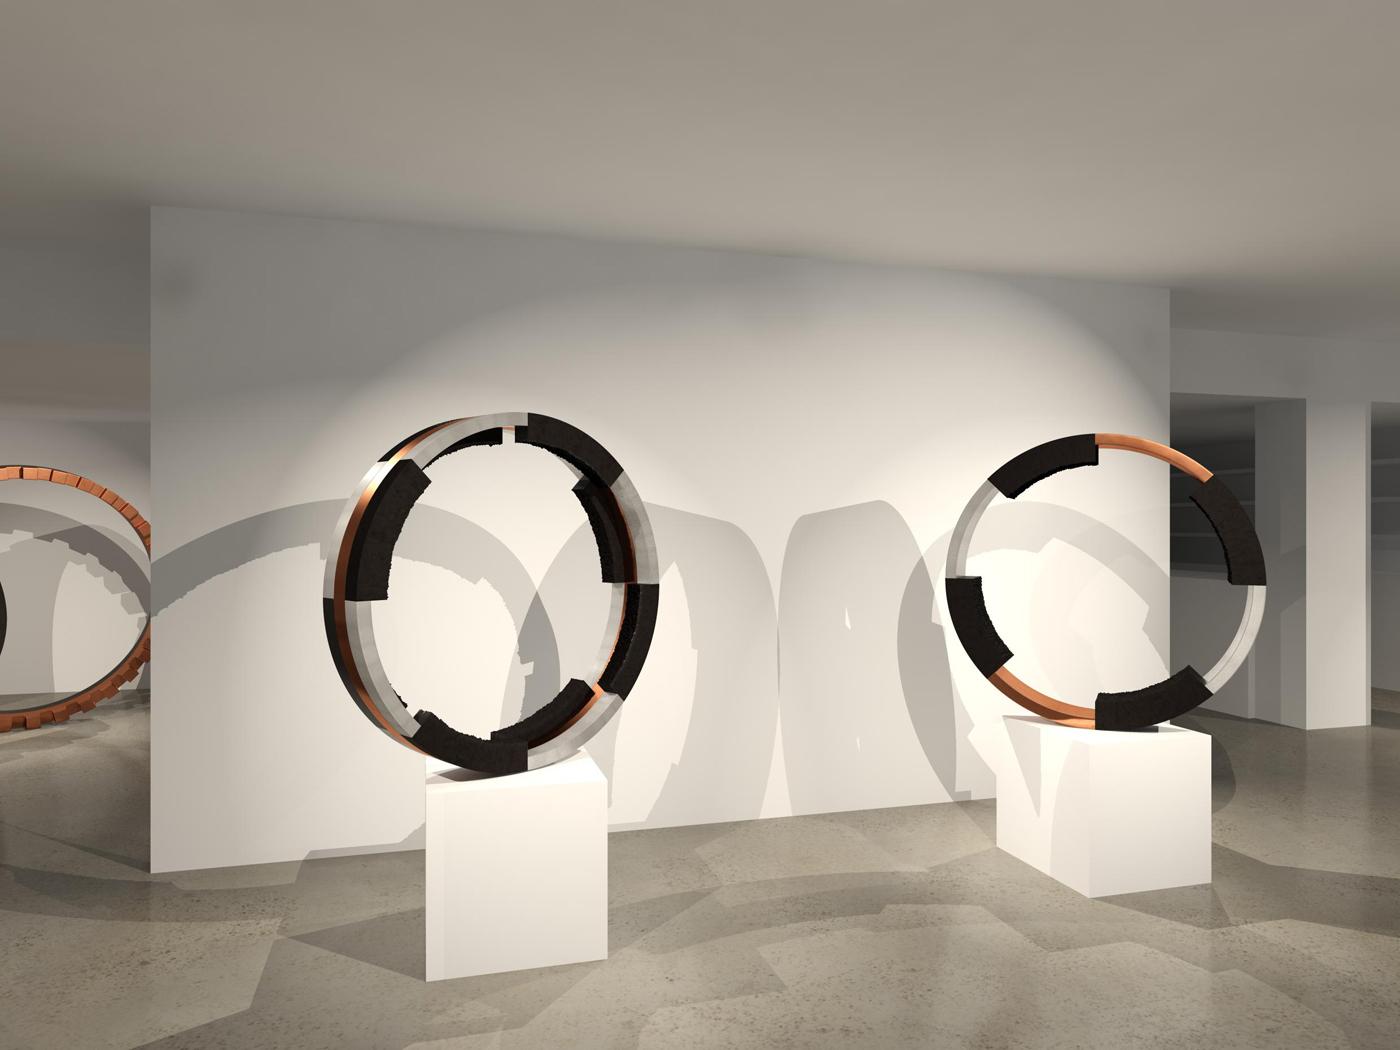 Escultura-en-espacio-interior03